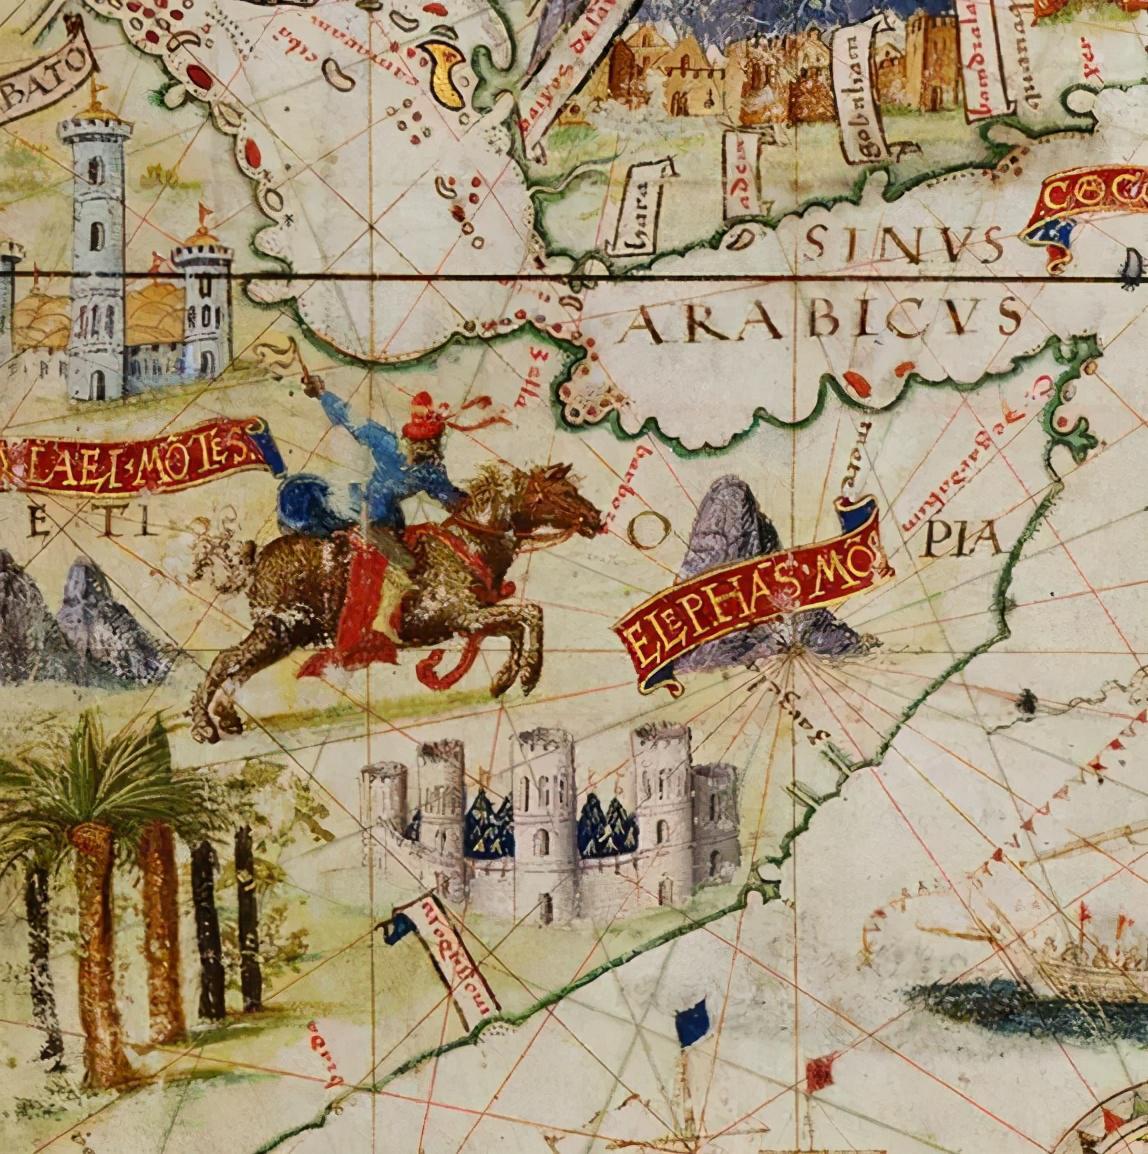 布拉瓦之战经过 布拉瓦之战结局